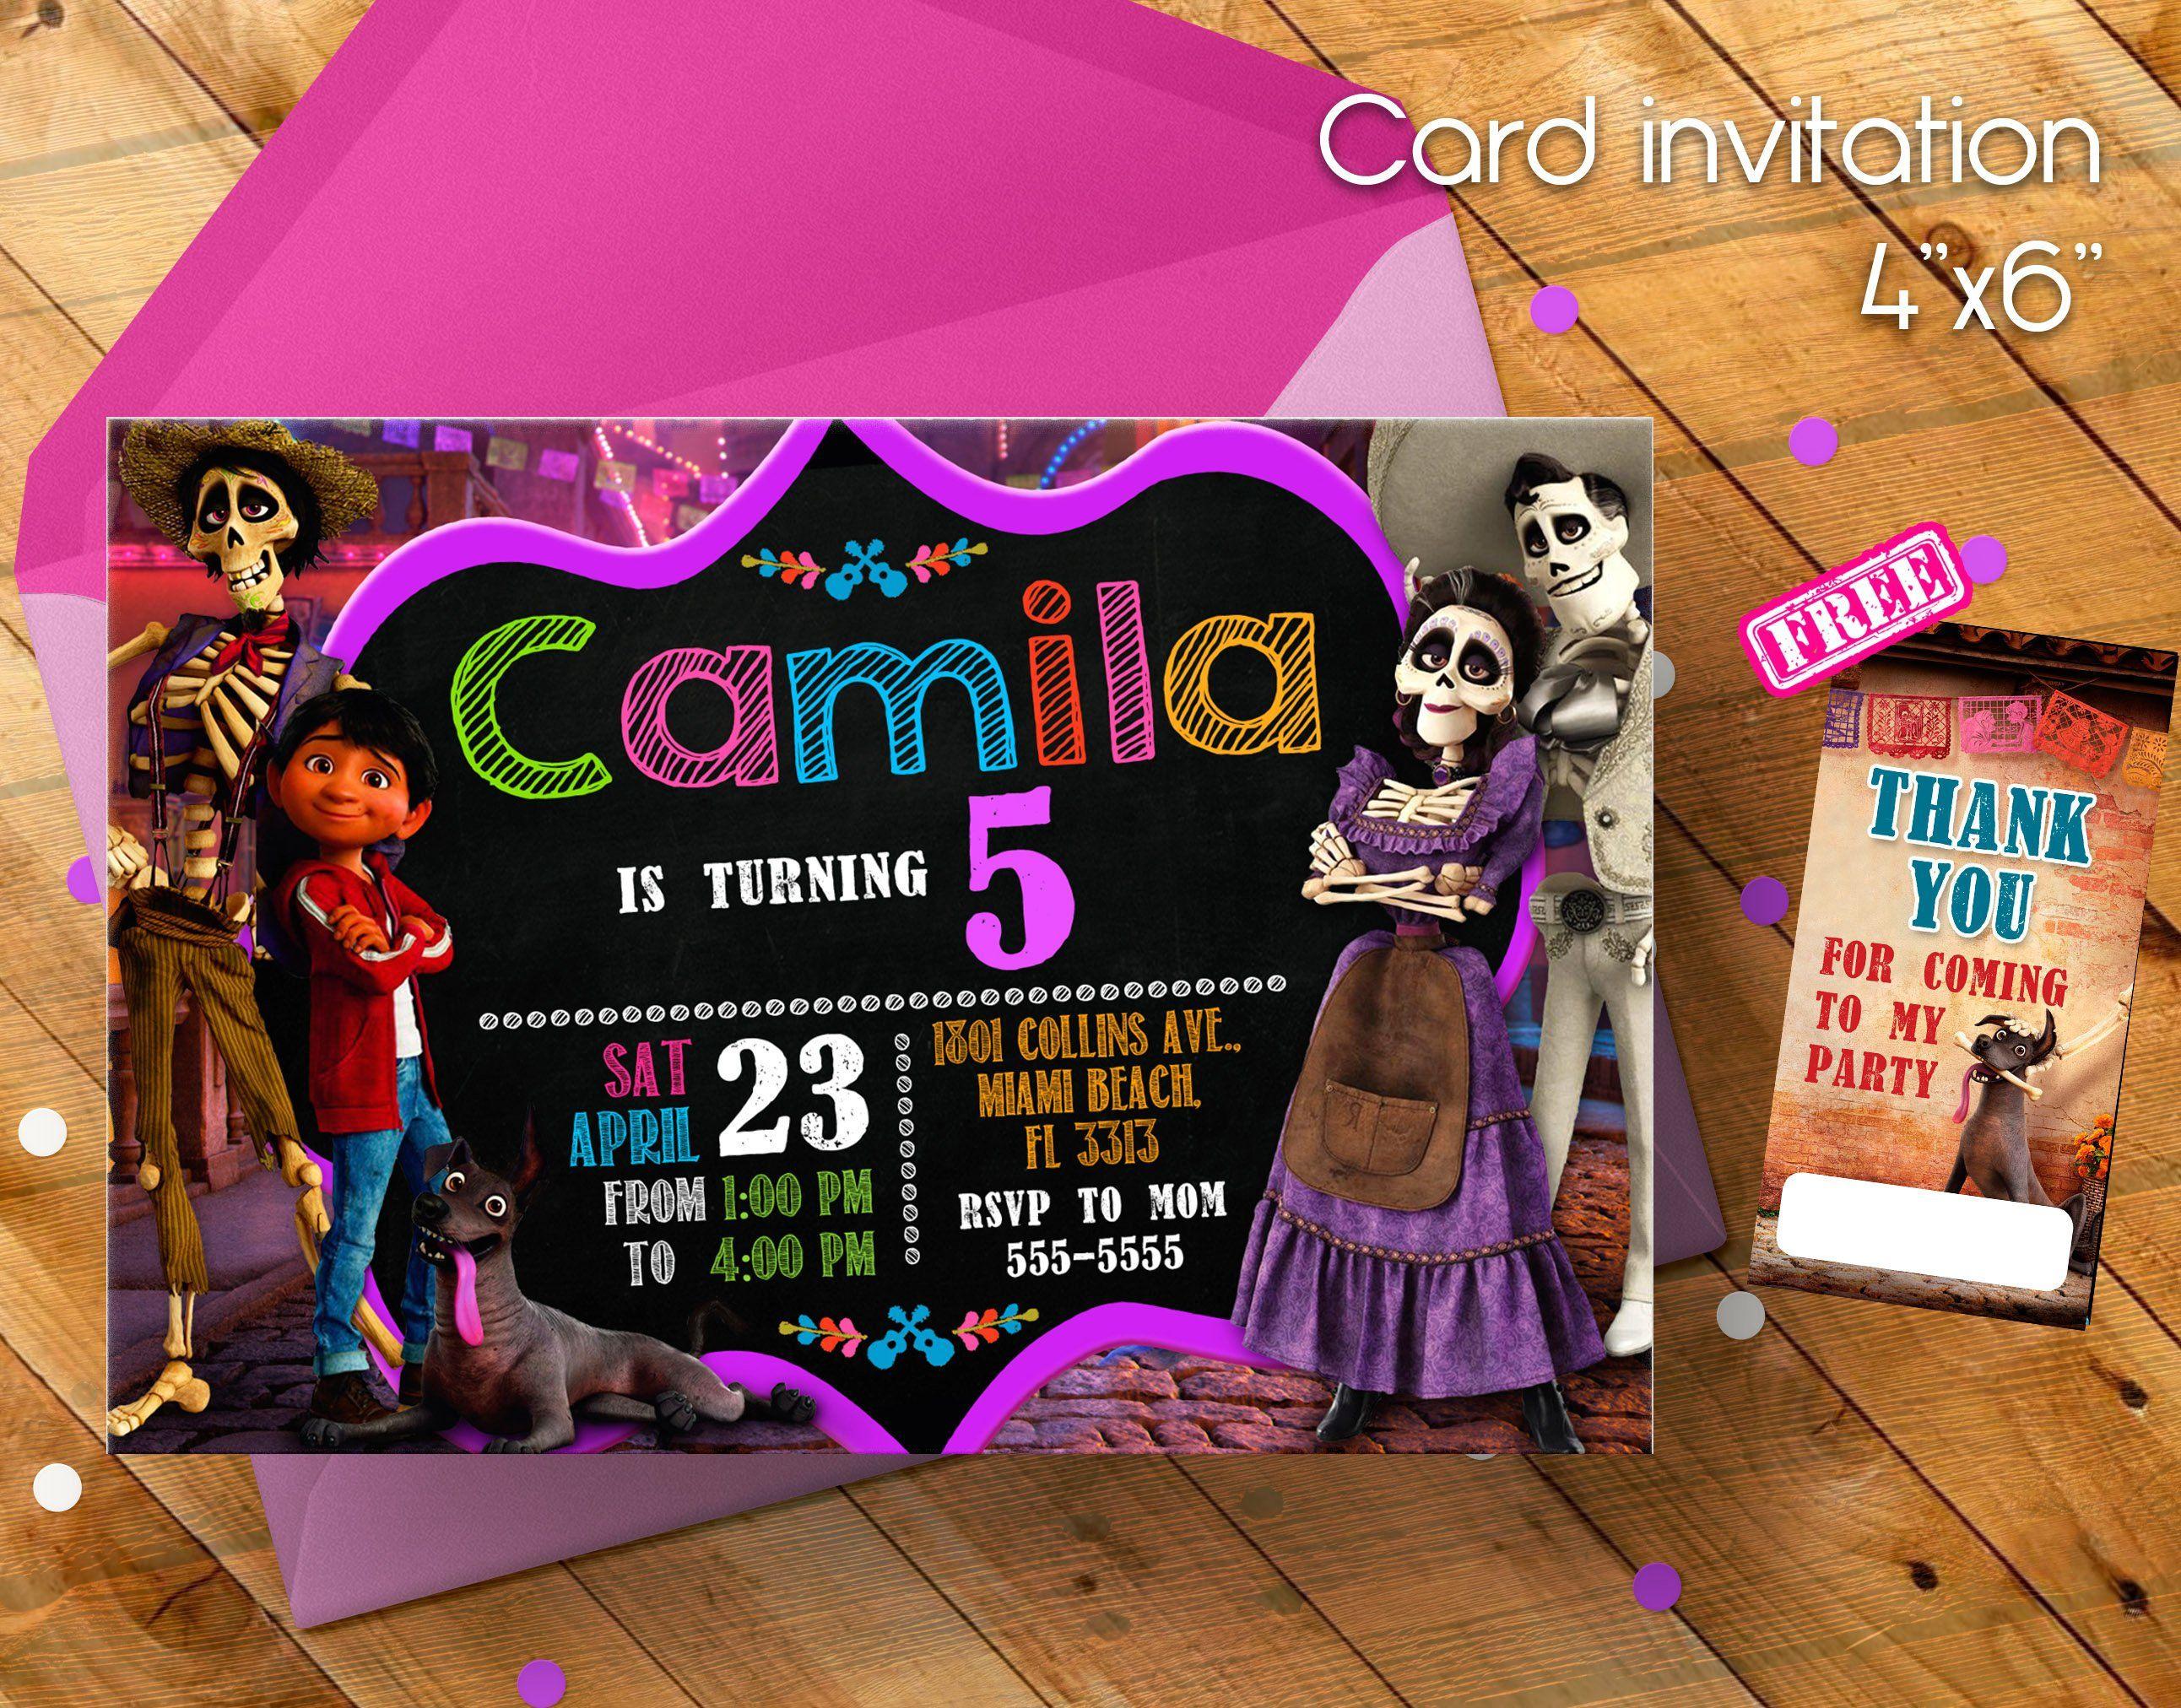 Coco Invitation Coco Movie Invitation Invitation Invitacion